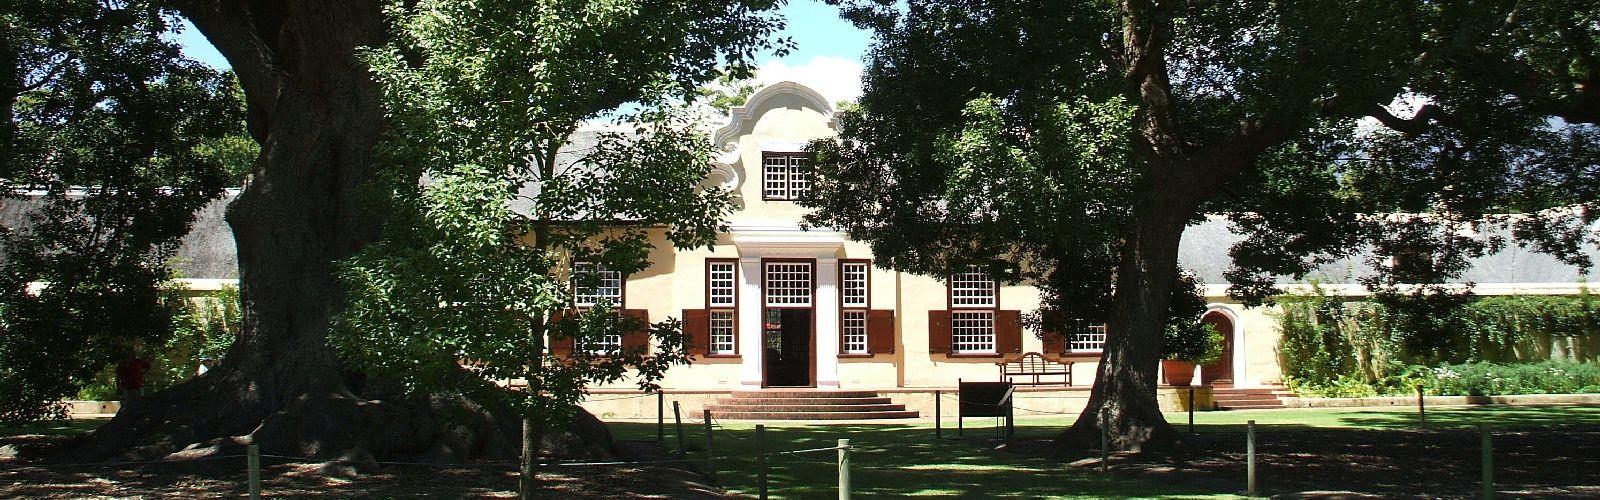 Kennismakingsreis Zuid-Afrika